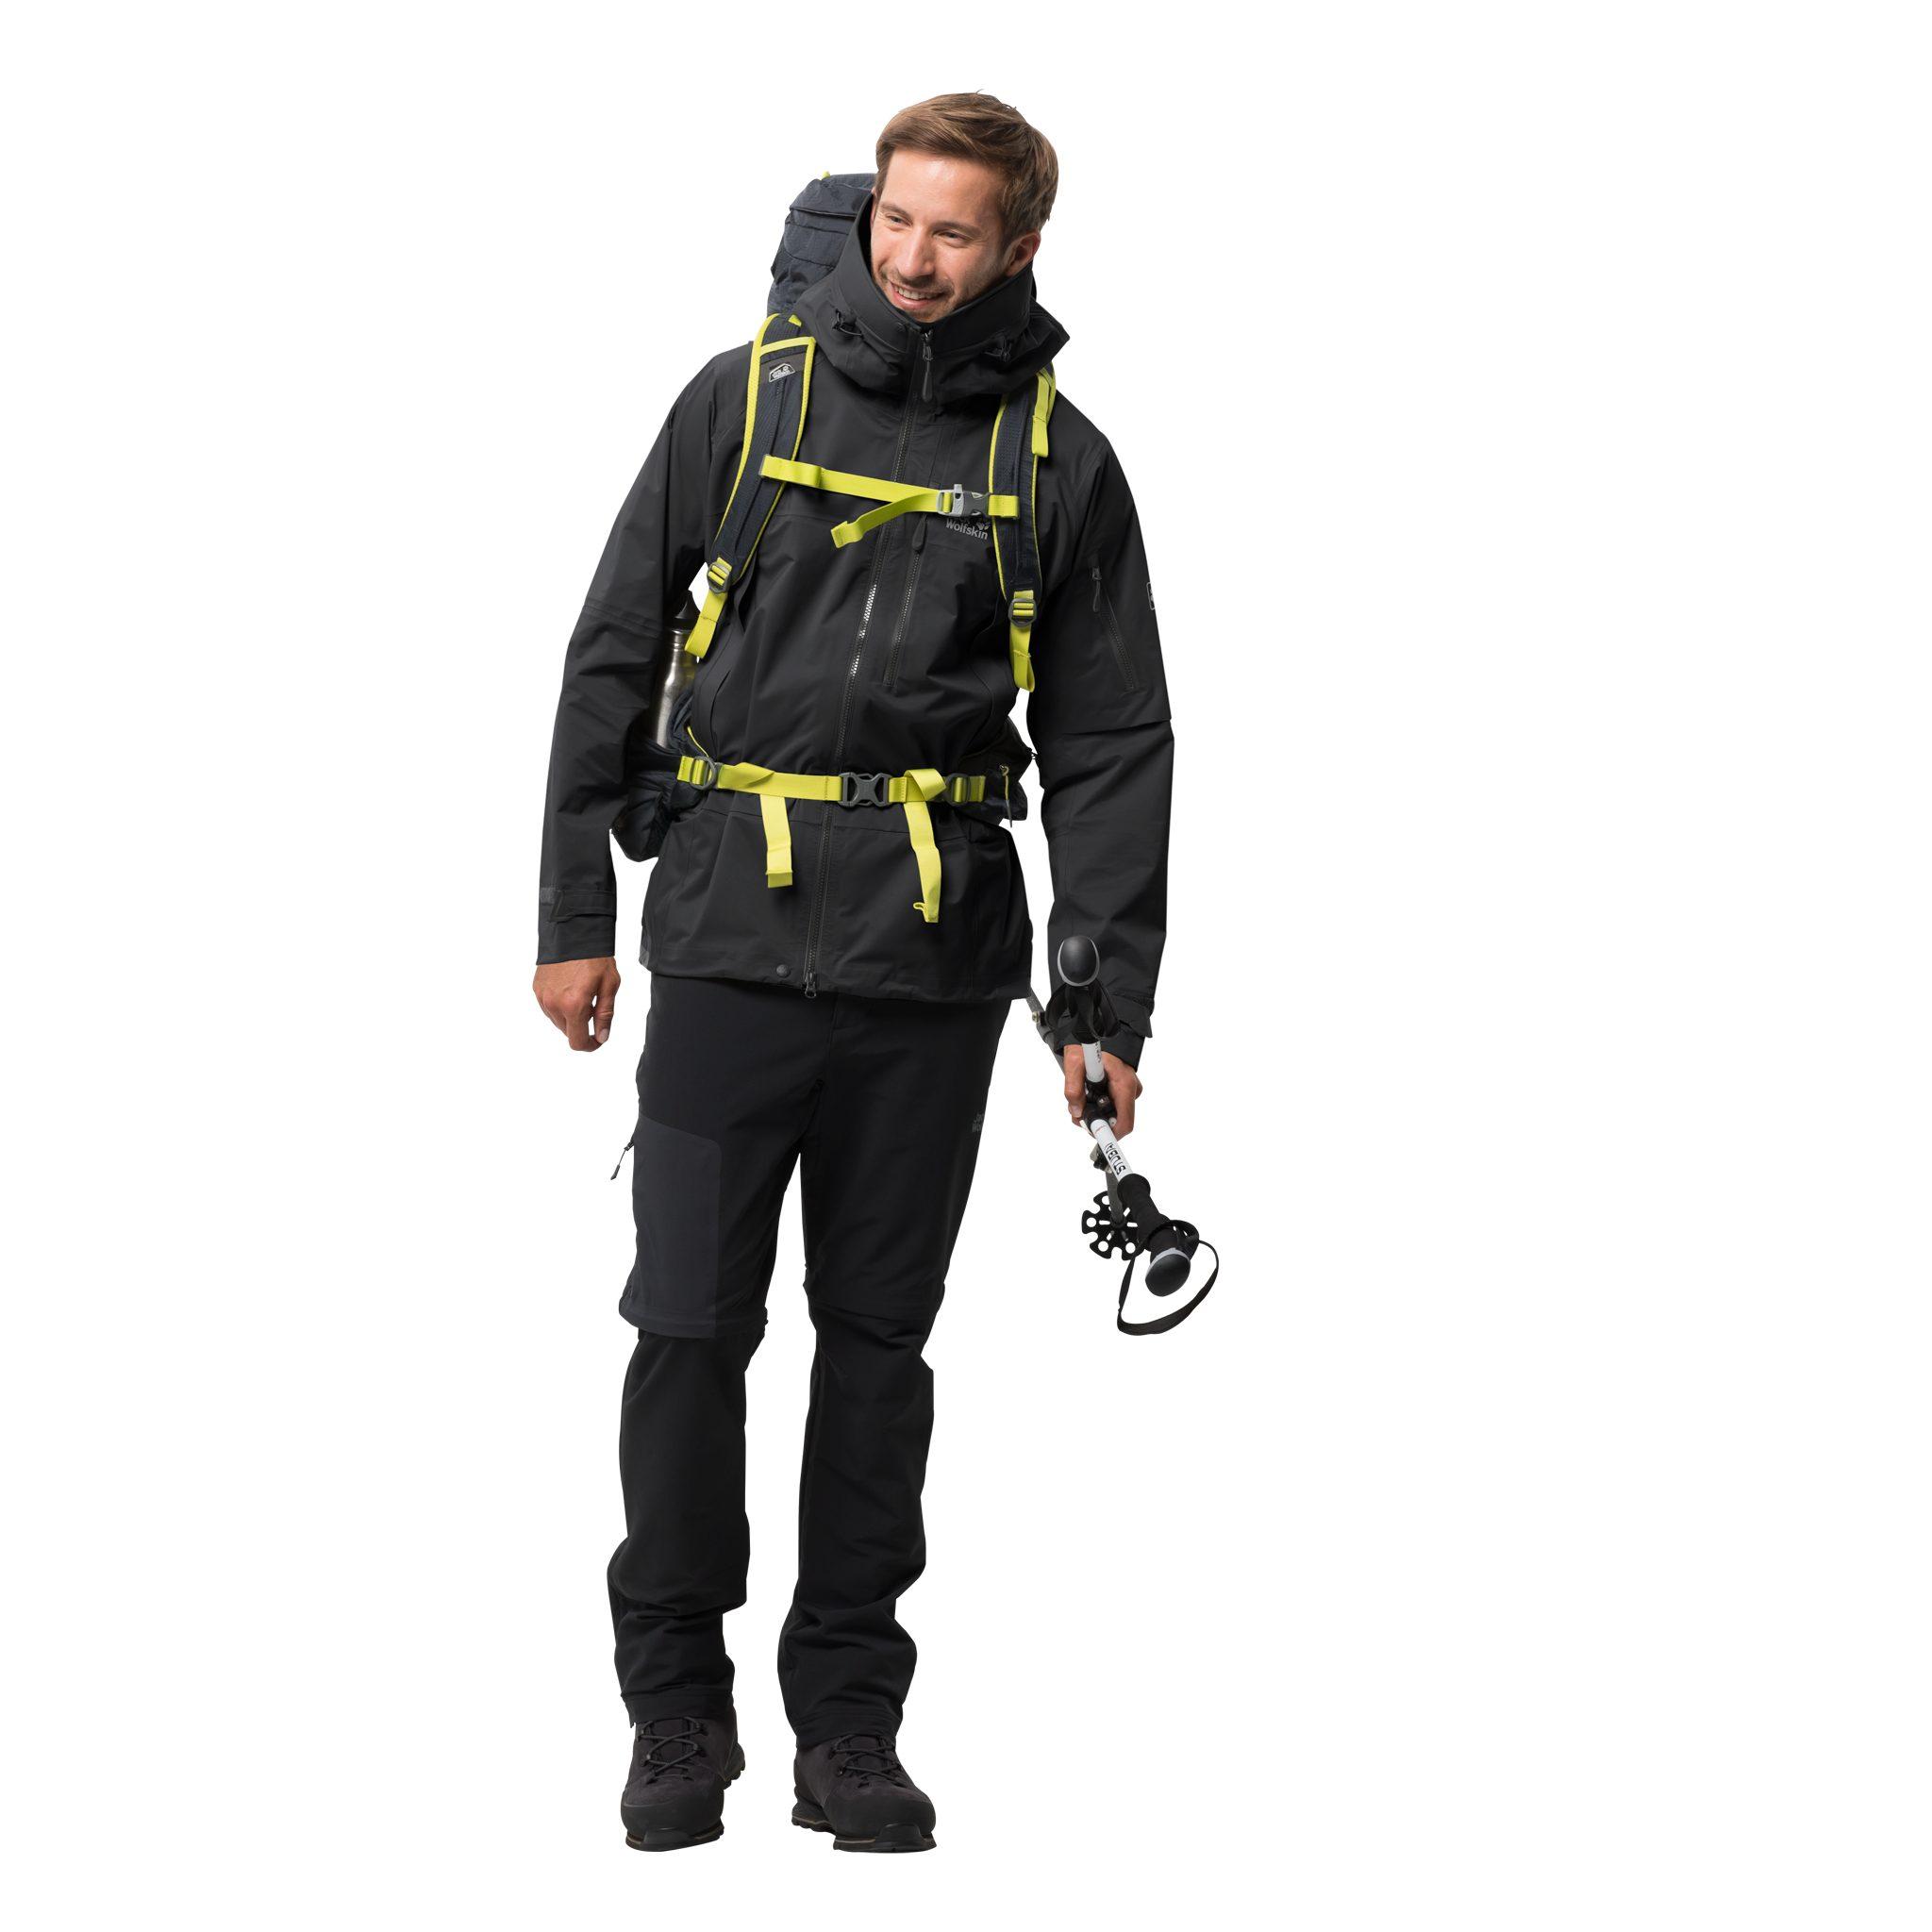 Jack Wolfskin Trekkingjacke THE HUMBOLDT JACKET | Sportbekleidung > Sportjacken > Outdoorjacken | Schwarz | Jack Wolfskin